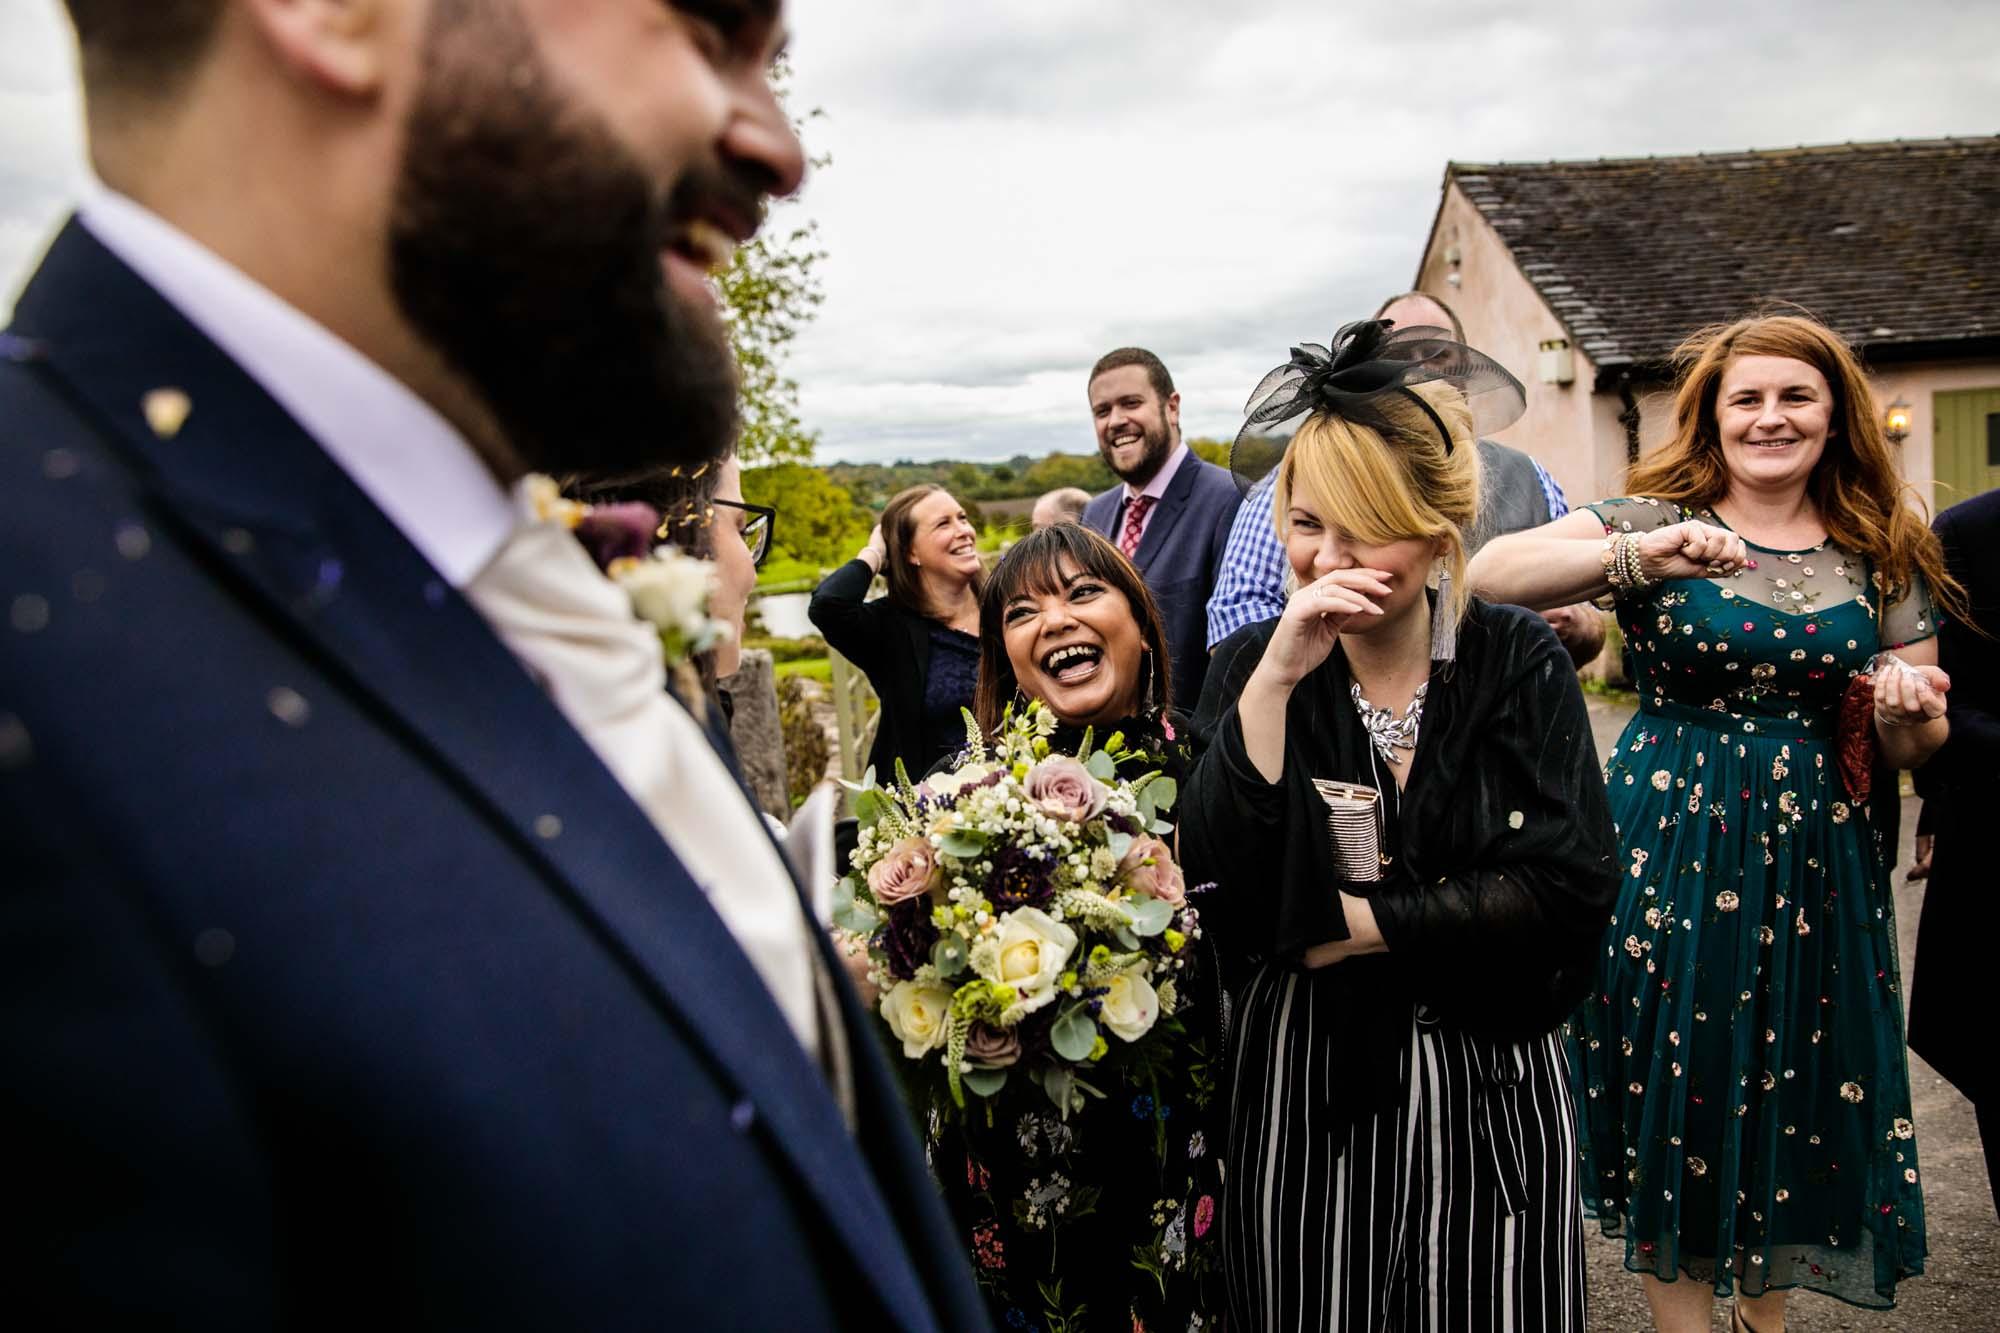 Ashes Barns Colourful Wedding Photos